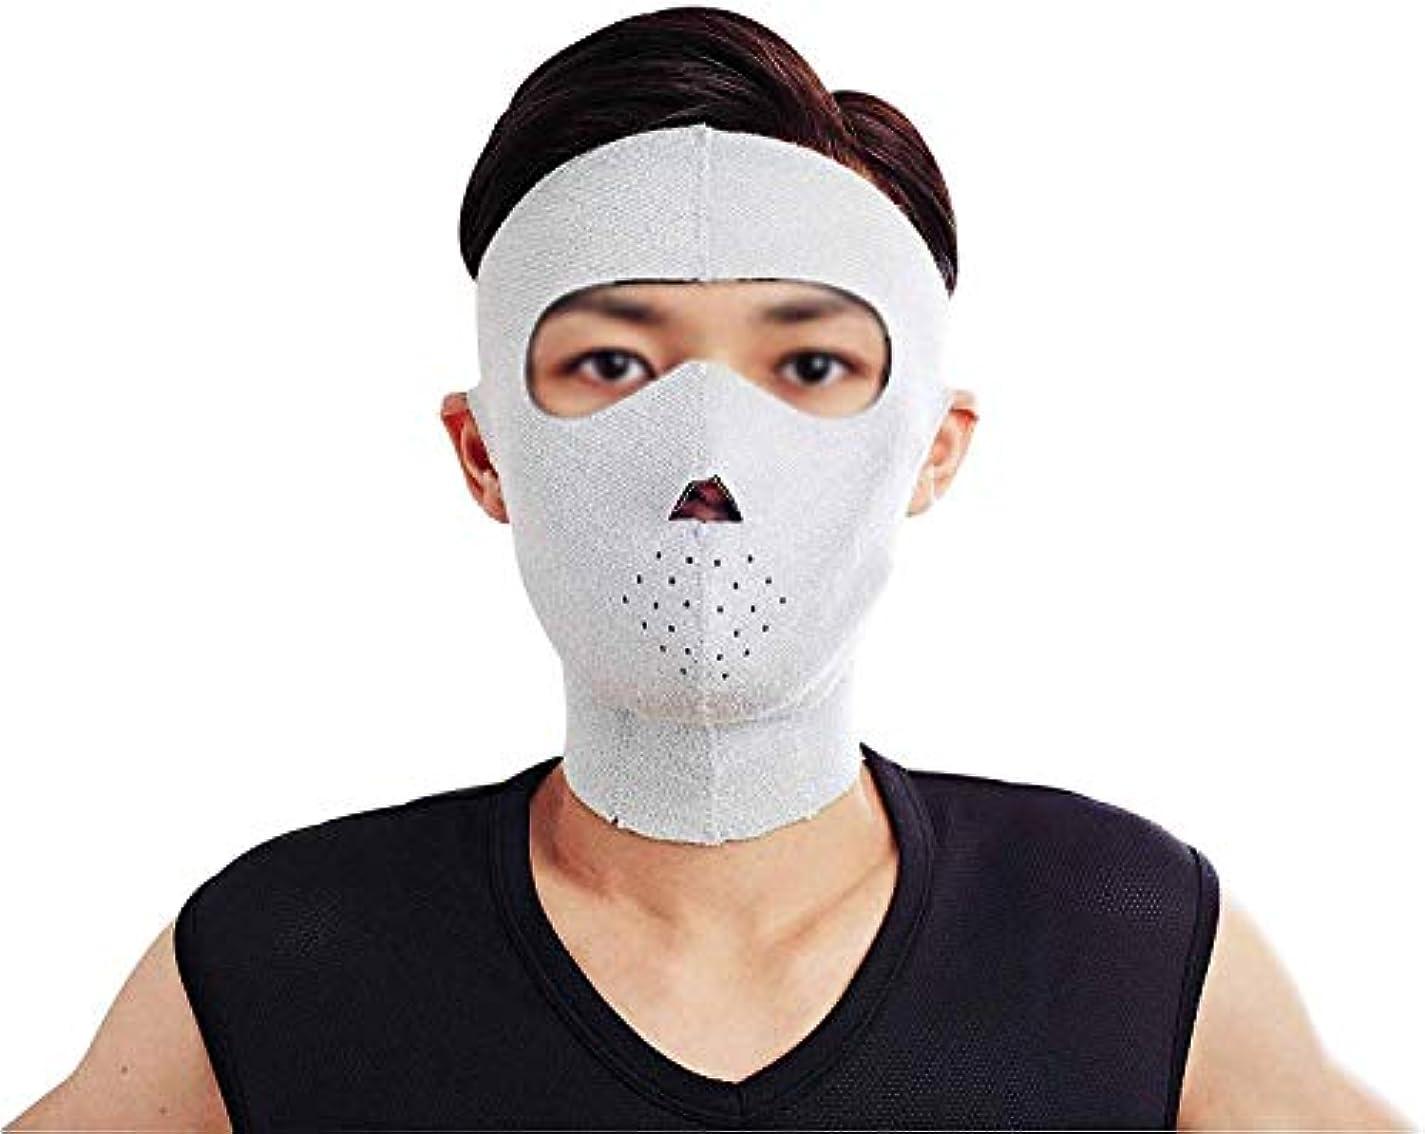 バルブ致死危険を冒します美容と実用的なフェイスリフトマスク、フェイシャルマスクプラス薄型フェイスマスクタイトアンチタギング薄型フェイスマスクフェイシャル薄型フェイスマスクアーティファクト男性ネックストラップ付き